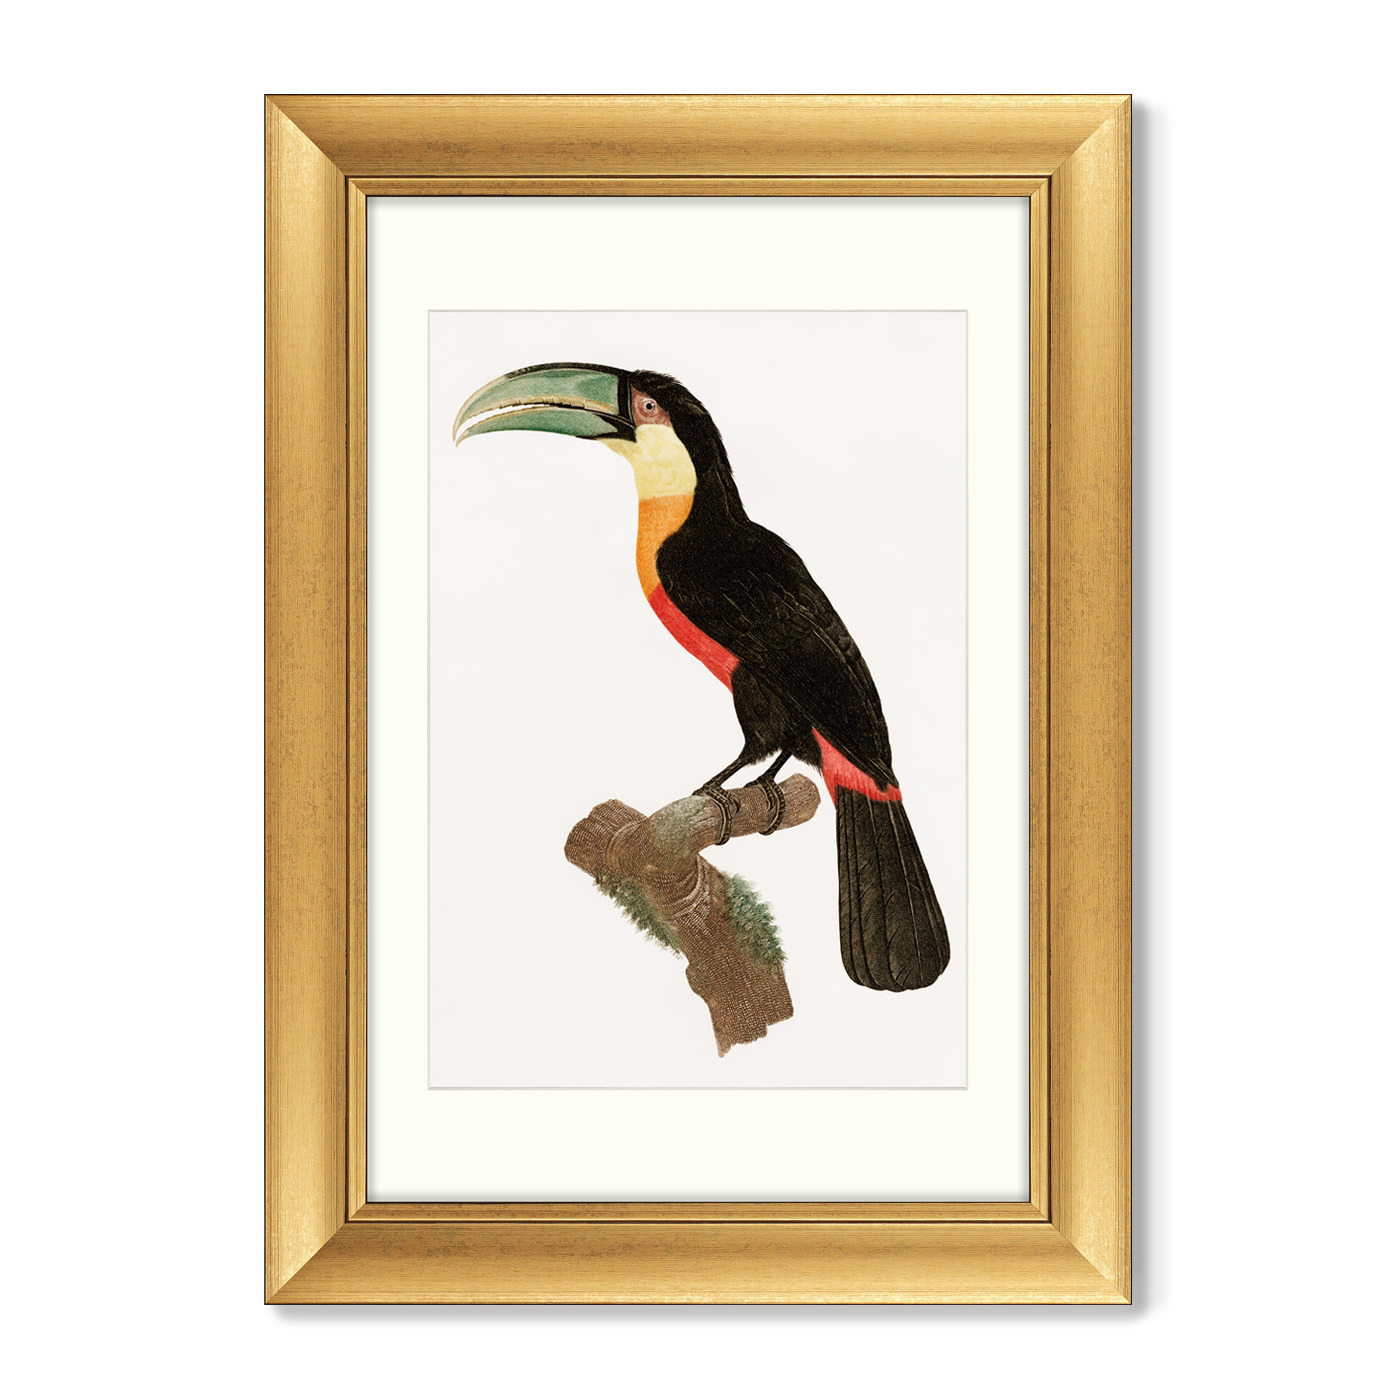 Диптих Beautiful toucans, 1806г. (из 2-х картин)